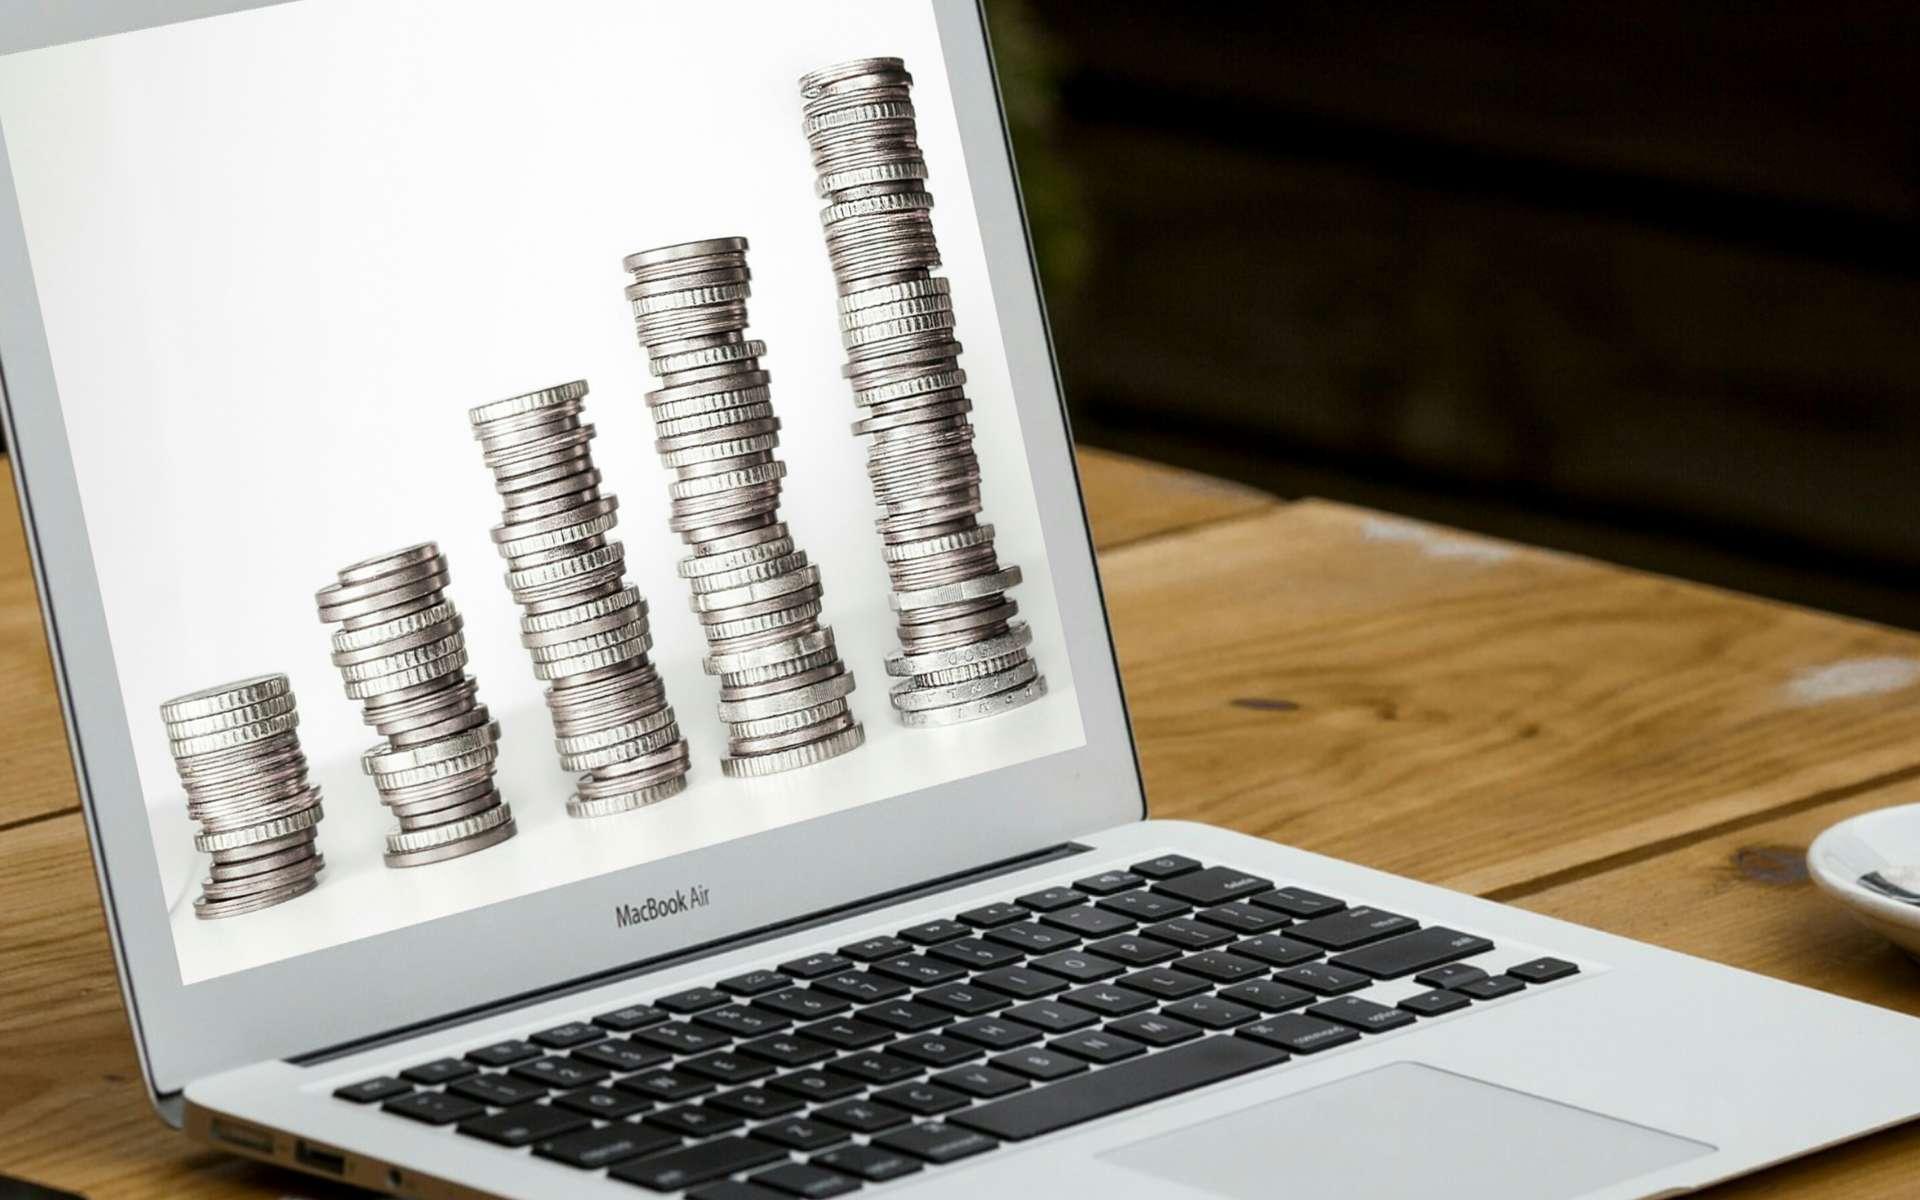 Futura vous dévoile une sélection des meilleurs logiciels gratuits pour gérer ses finances. © Pxhere.com